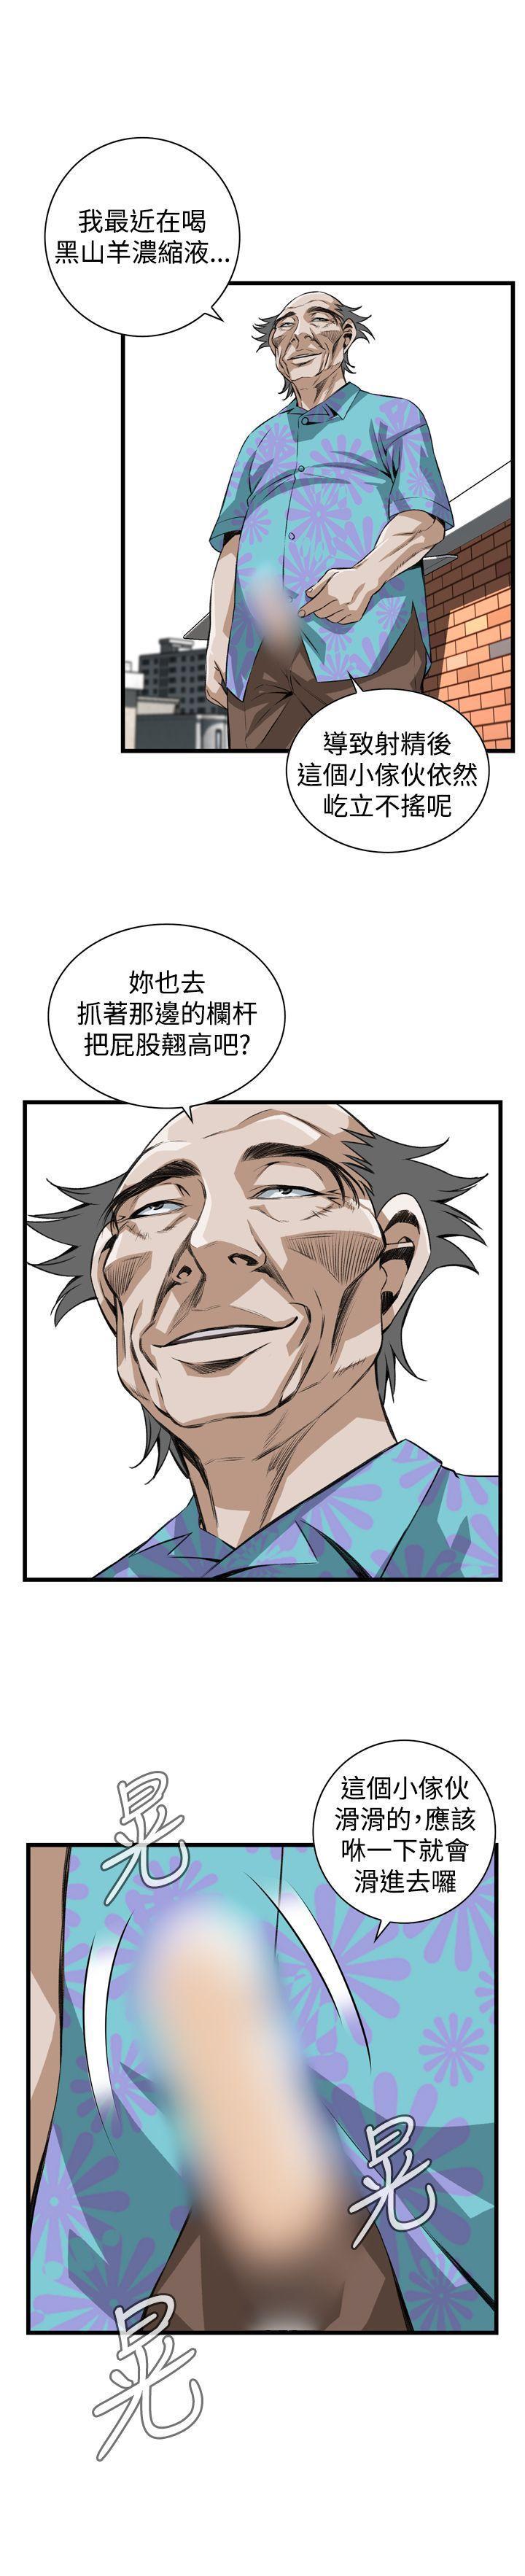 偷窥72-93 Chinese Rsiky 174